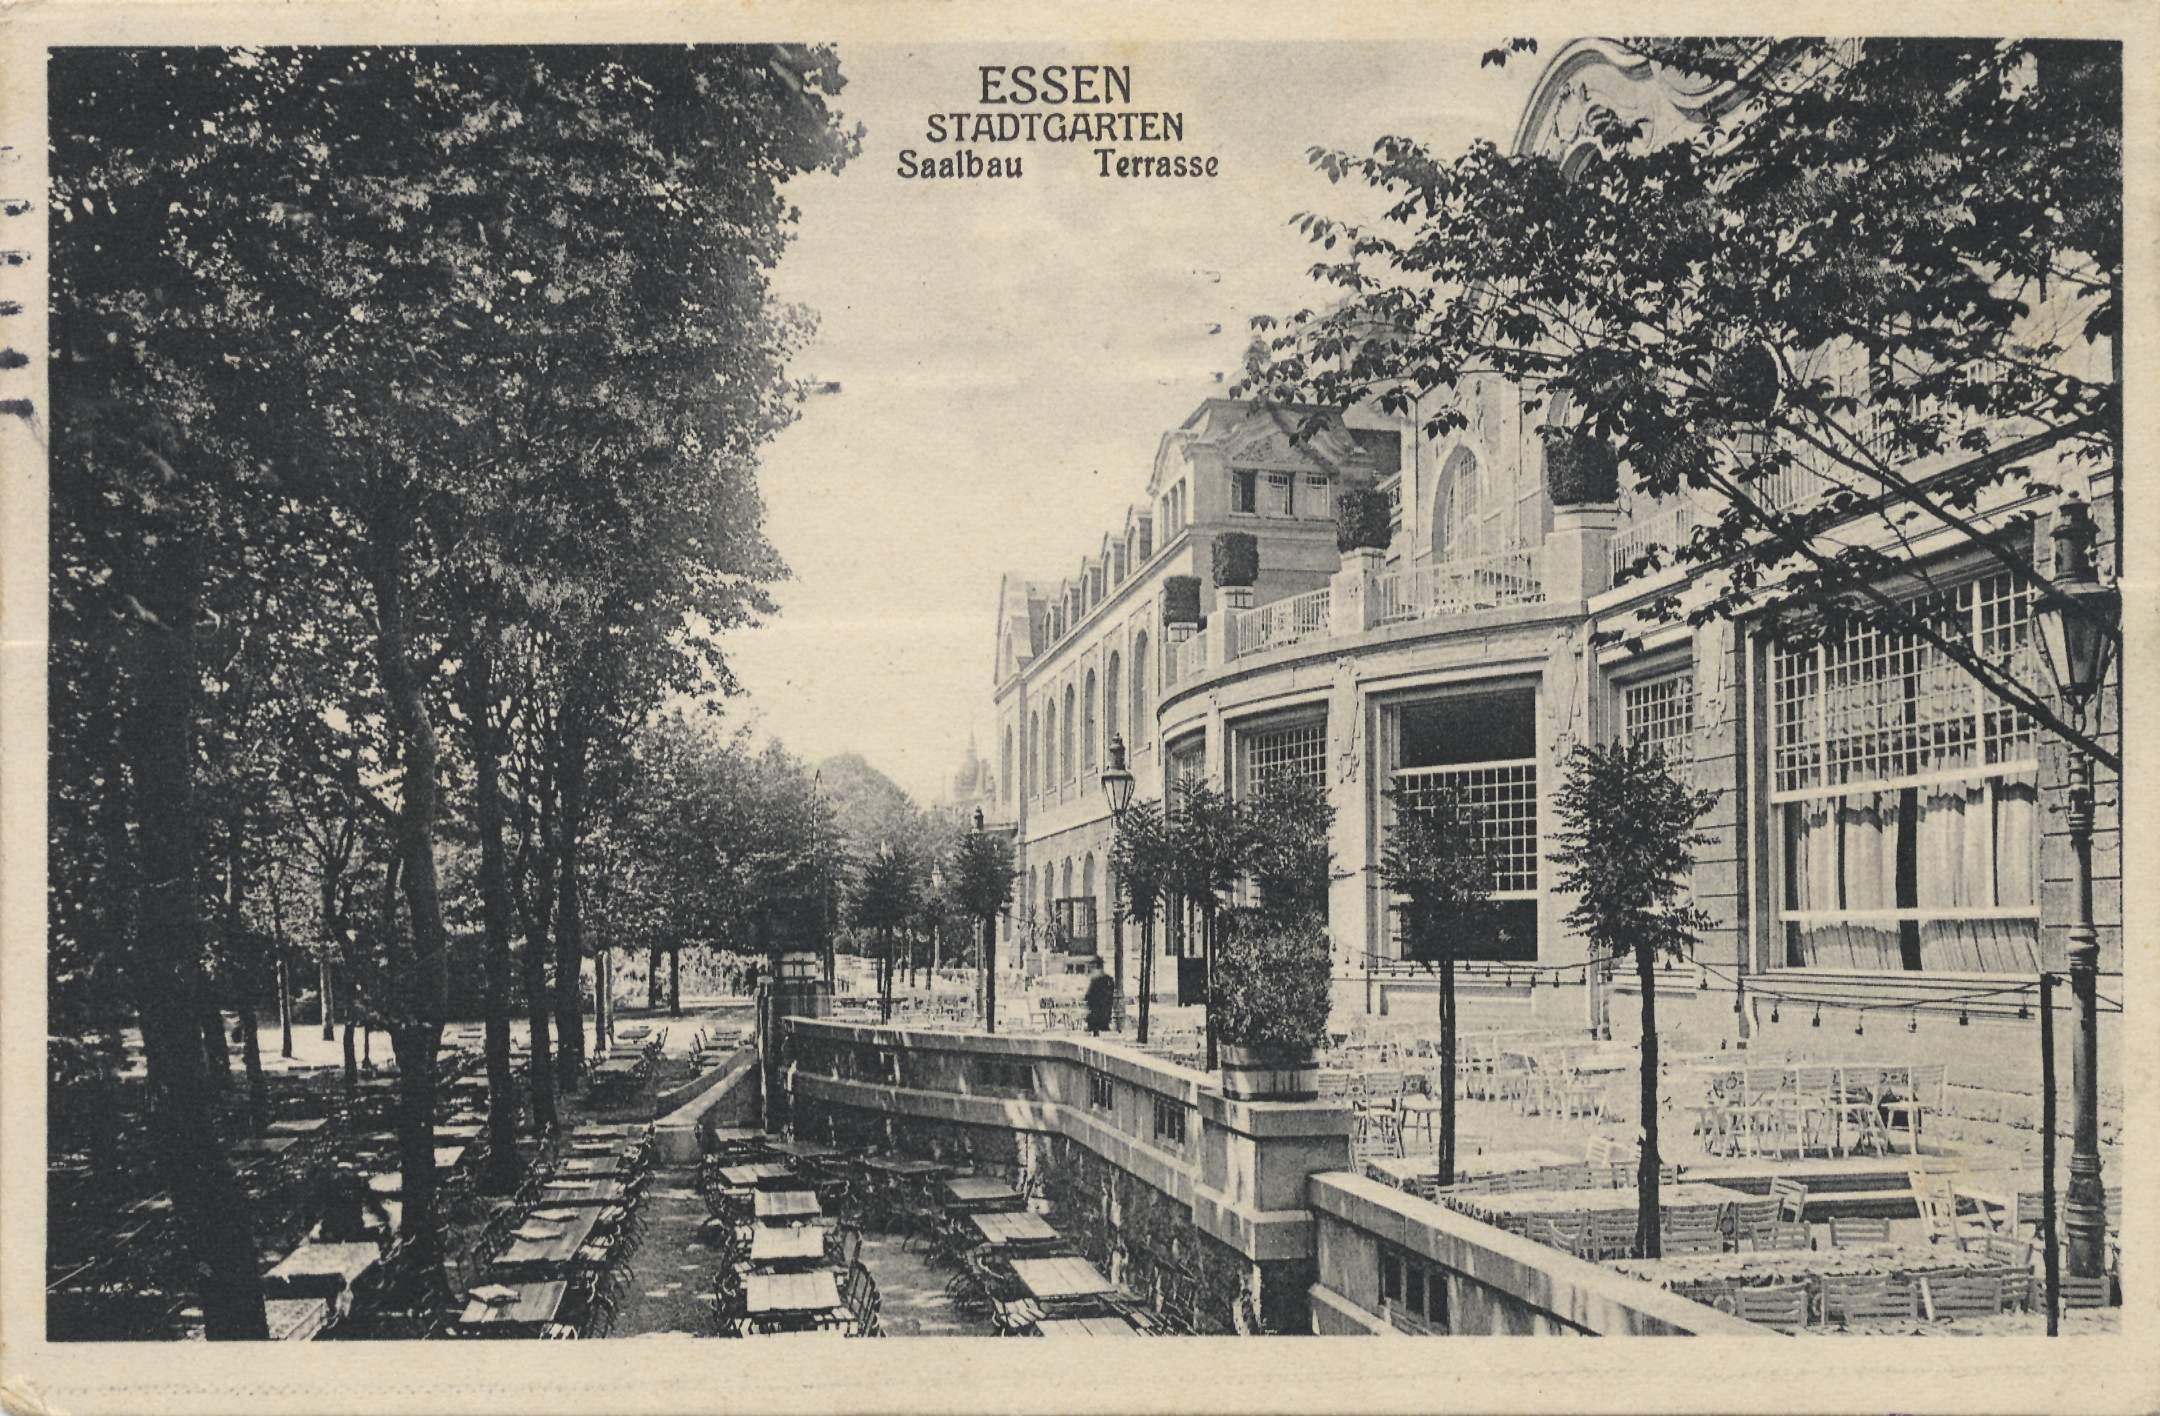 Essen ruhr nordrhein westfalen stadtgarten saalbau terrasse - Stadtgarten dortmund ...